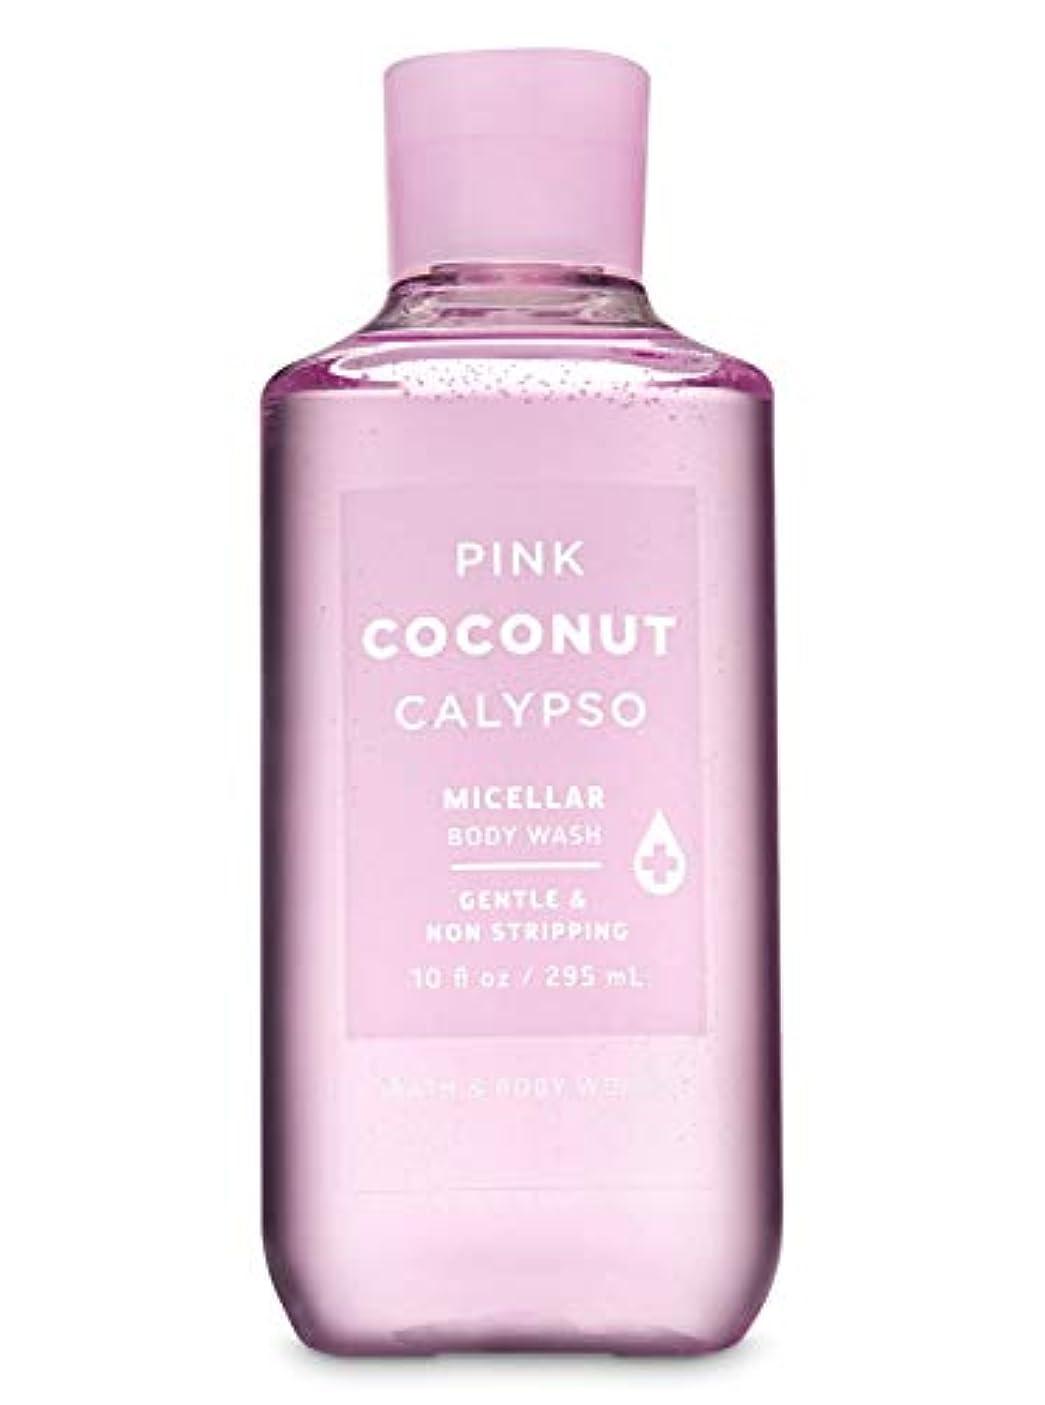 ラメ霧深い会議【Bath&Body Works/バス&ボディワークス】 シャワージェル ピンクココナッツカリプソ Shower Gel Pink Coconut Calypso 10 fl oz / 295 mL [並行輸入品]